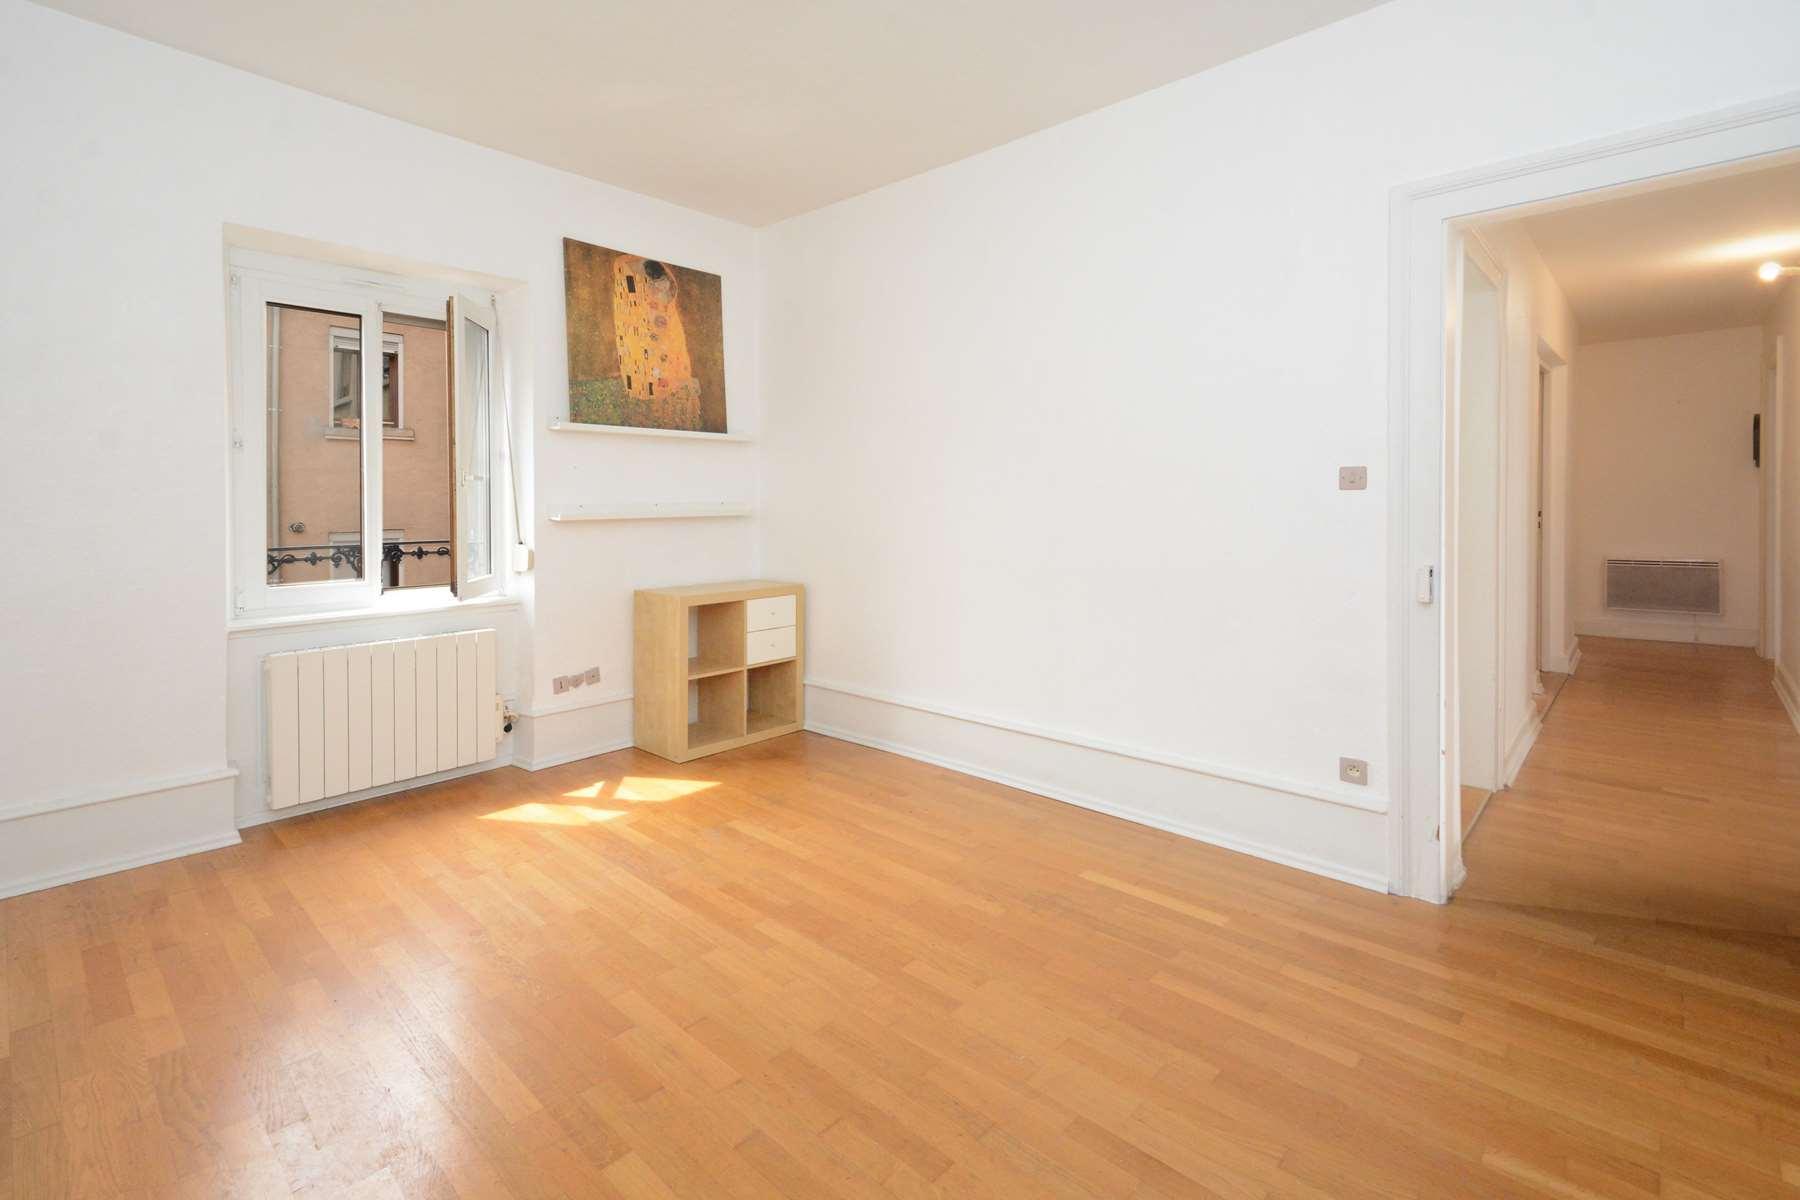 [Thémis] L'appartement 4 pièces au cœur du quartier du Tribunal - nos ventes - Beausite Immobilier 2